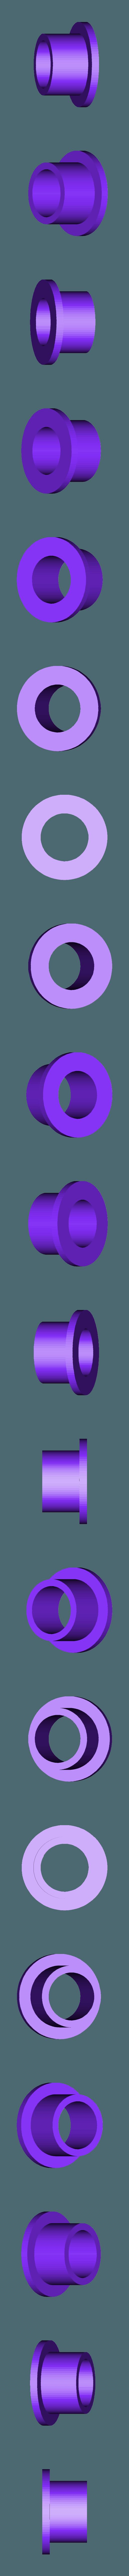 transmission_shaft_housing_and_gear_holder.stl Télécharger fichier STL gratuit Transmission à engrenages coniques • Modèle à imprimer en 3D, matthewdwulff